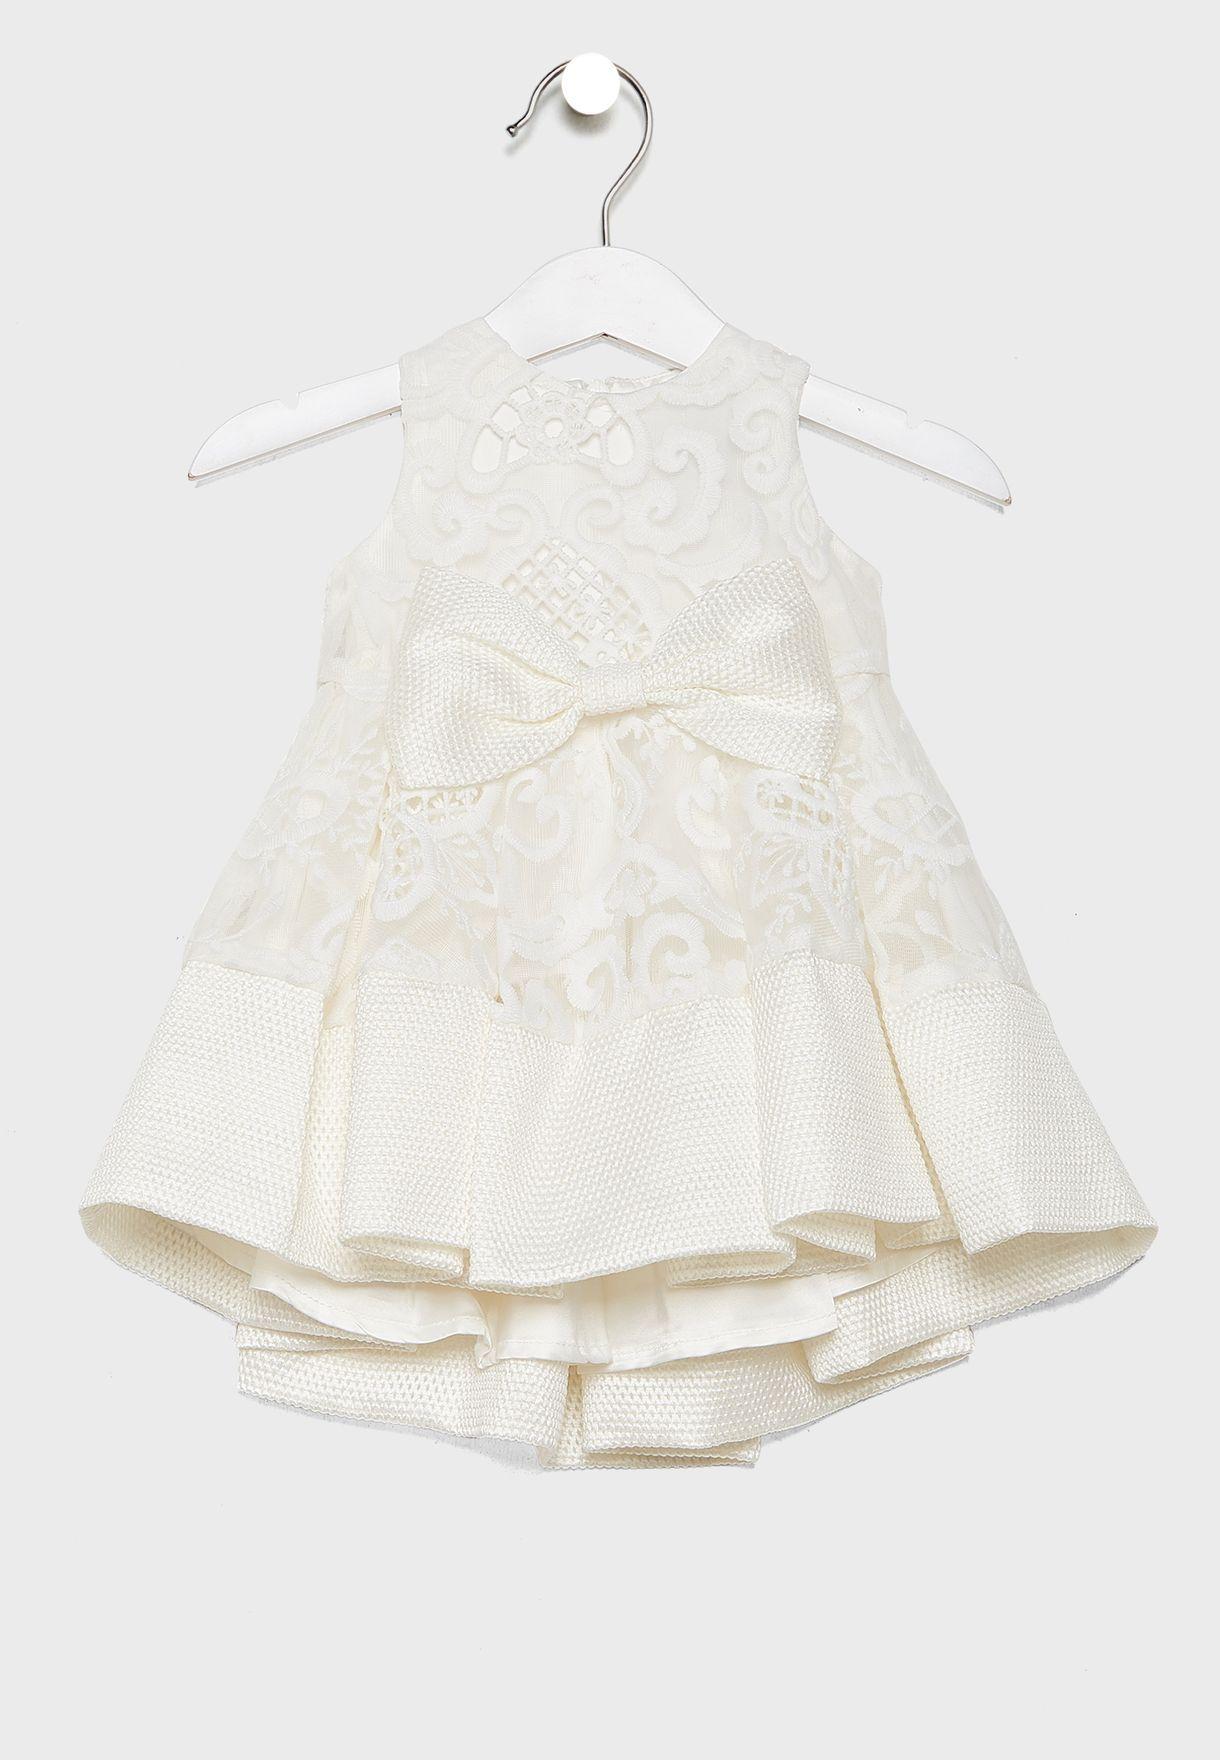 Infant Scarlet Dress